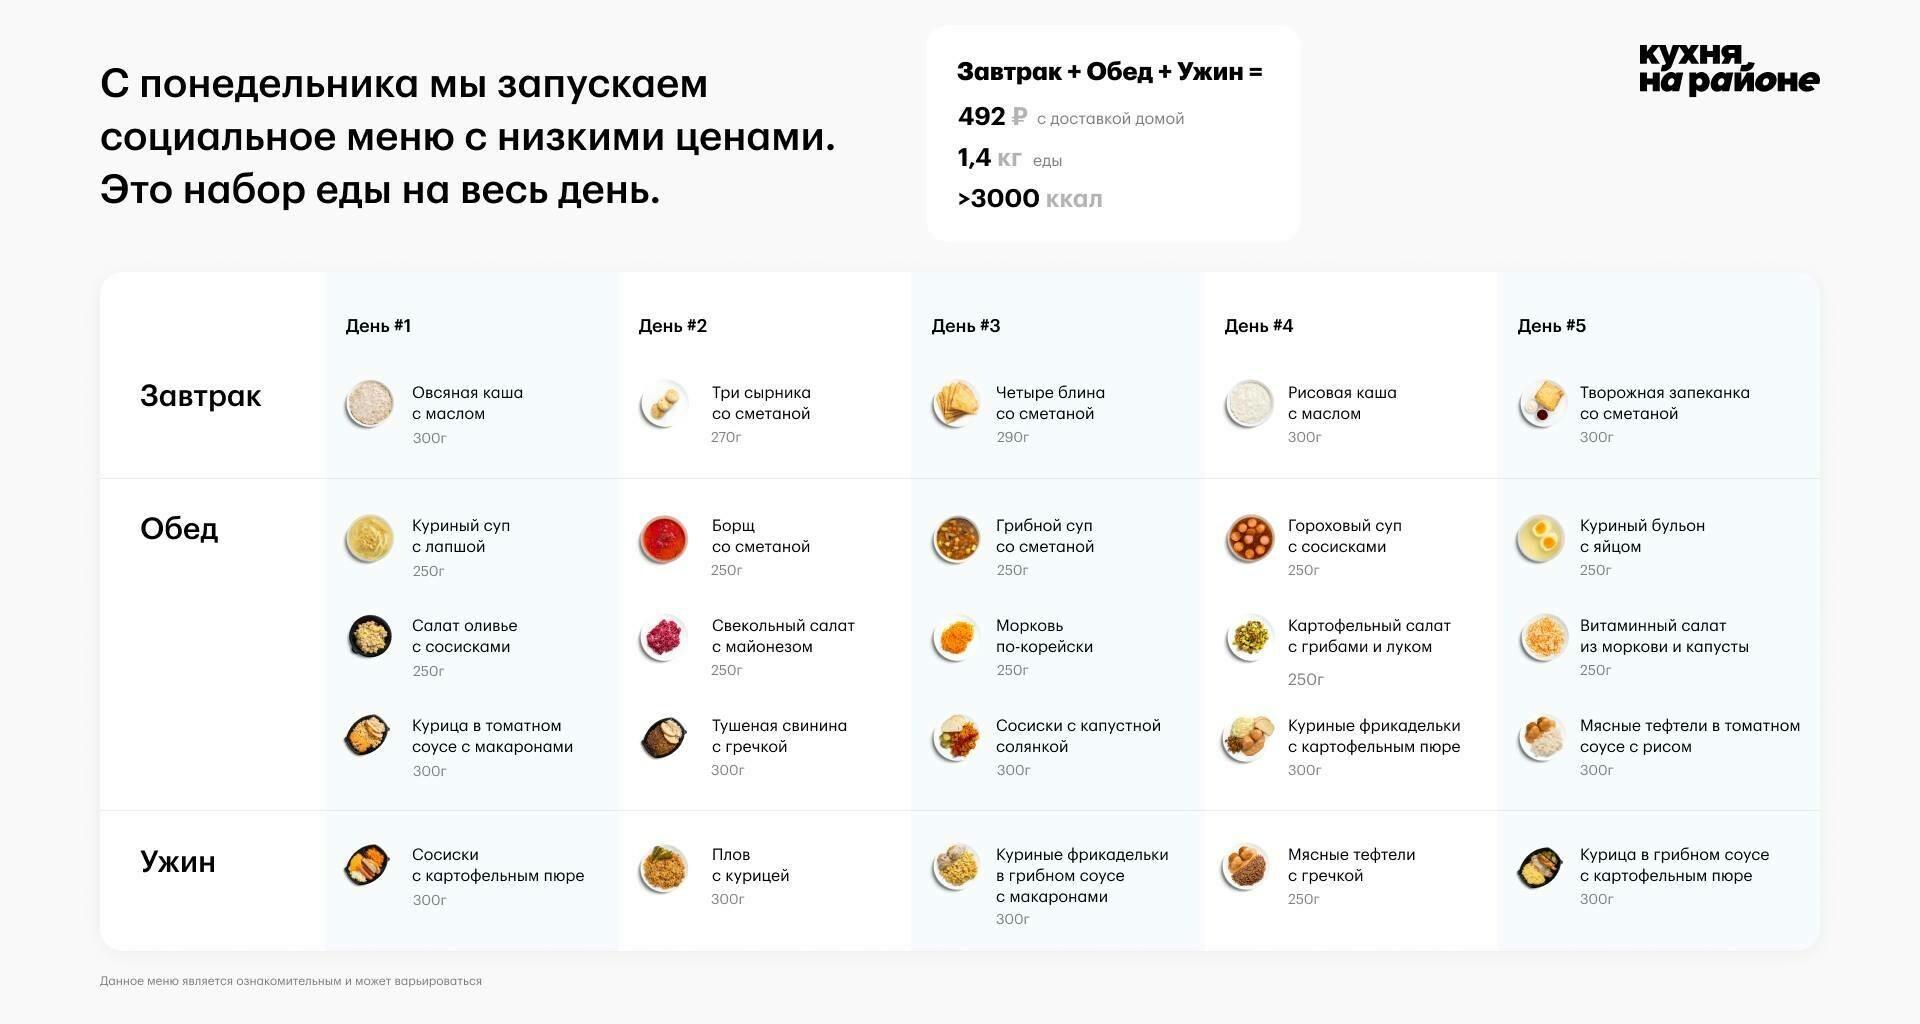 «Кухня на районе» запустит доставку социальных наборов еды на весь день